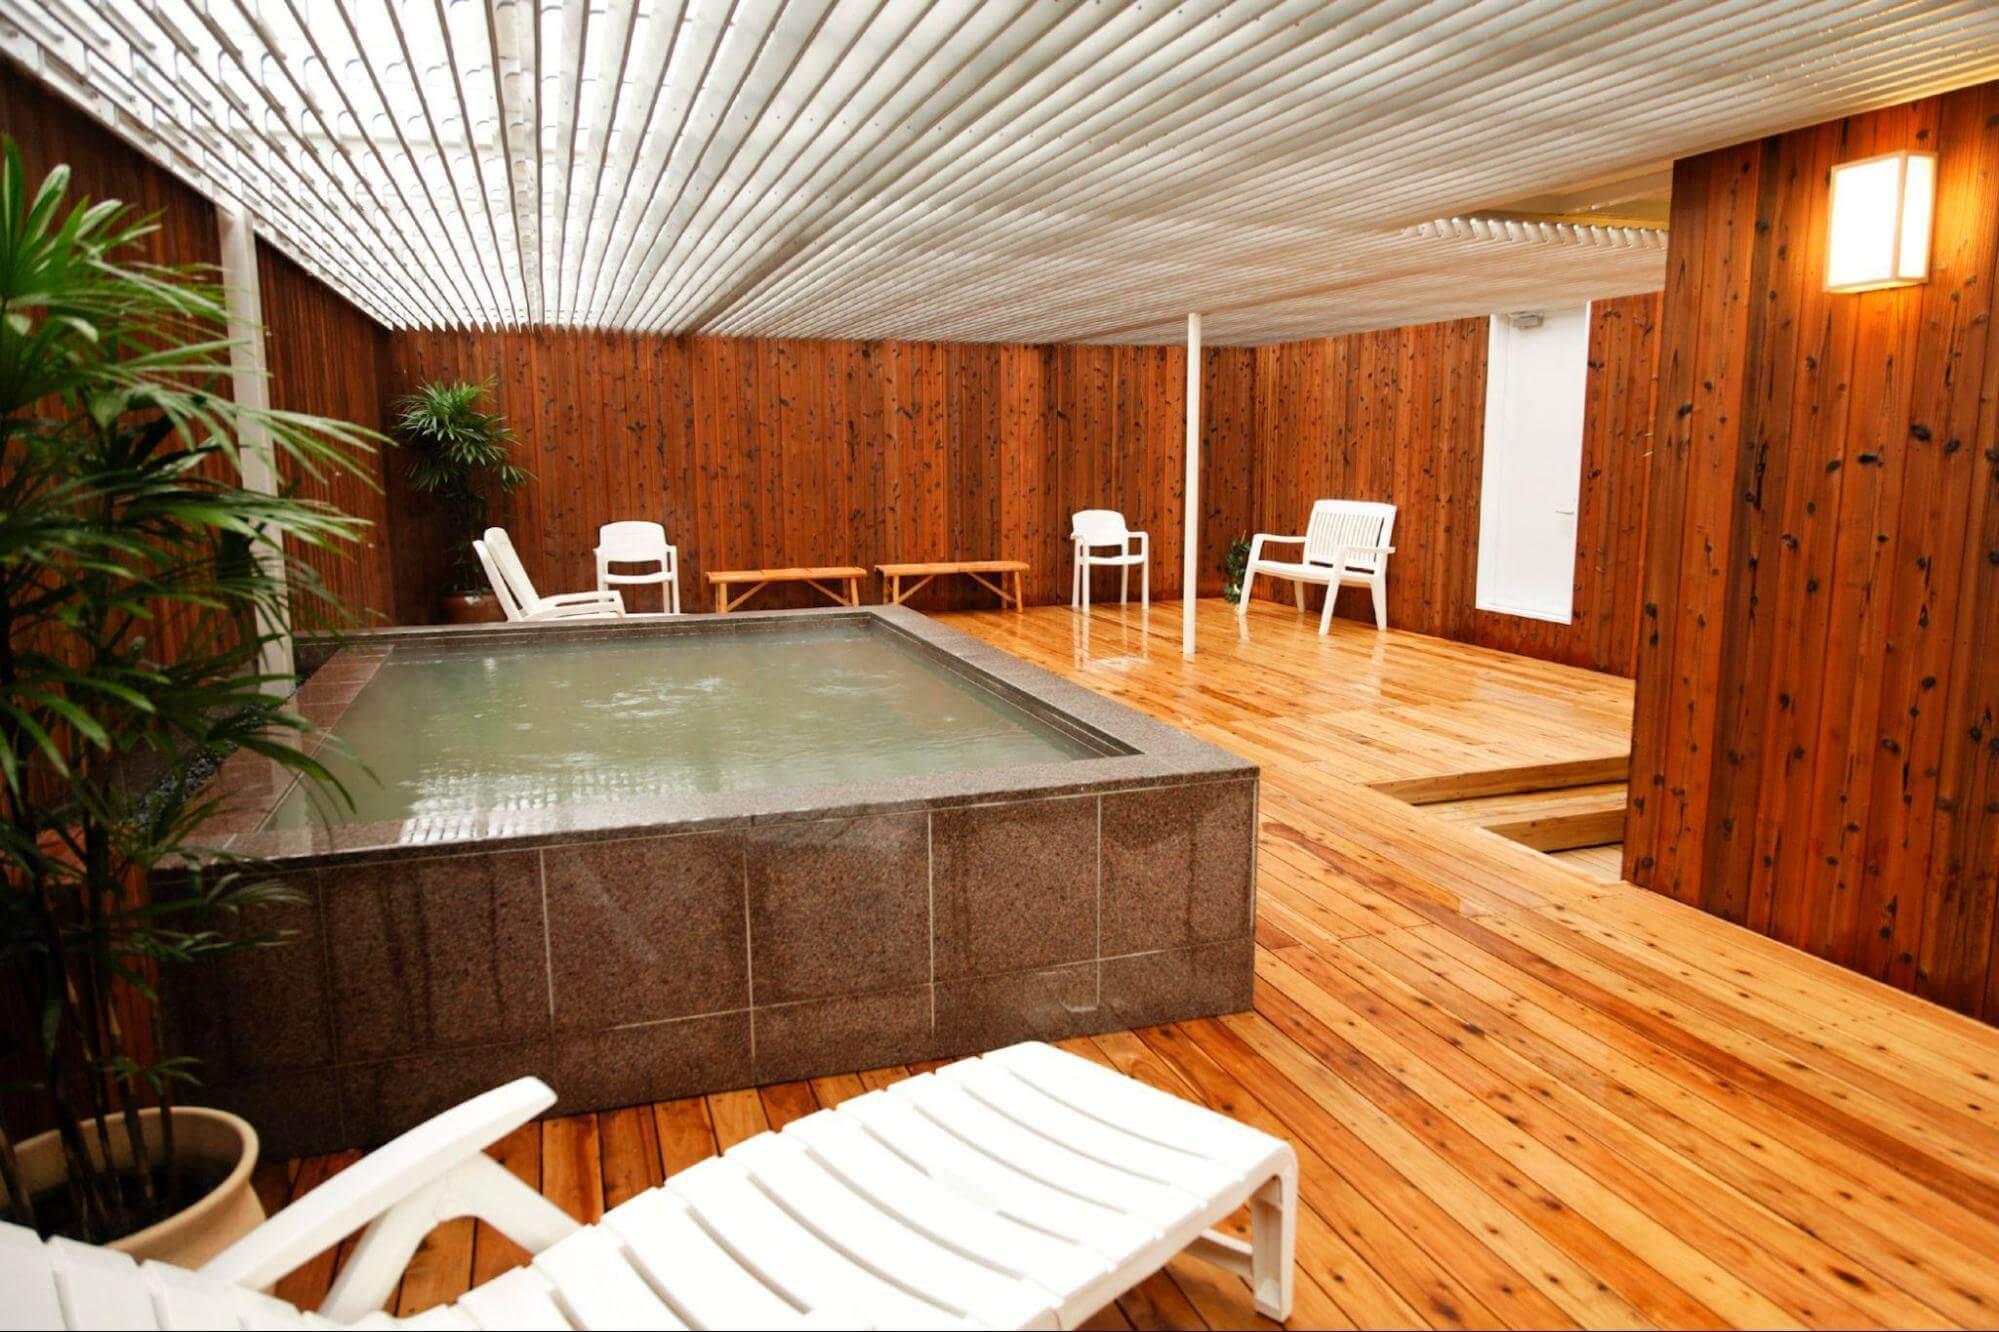 アイキャッチ:天然水かけ流しの水風呂と「神戸ウォーター」が楽しめる「神戸ク …